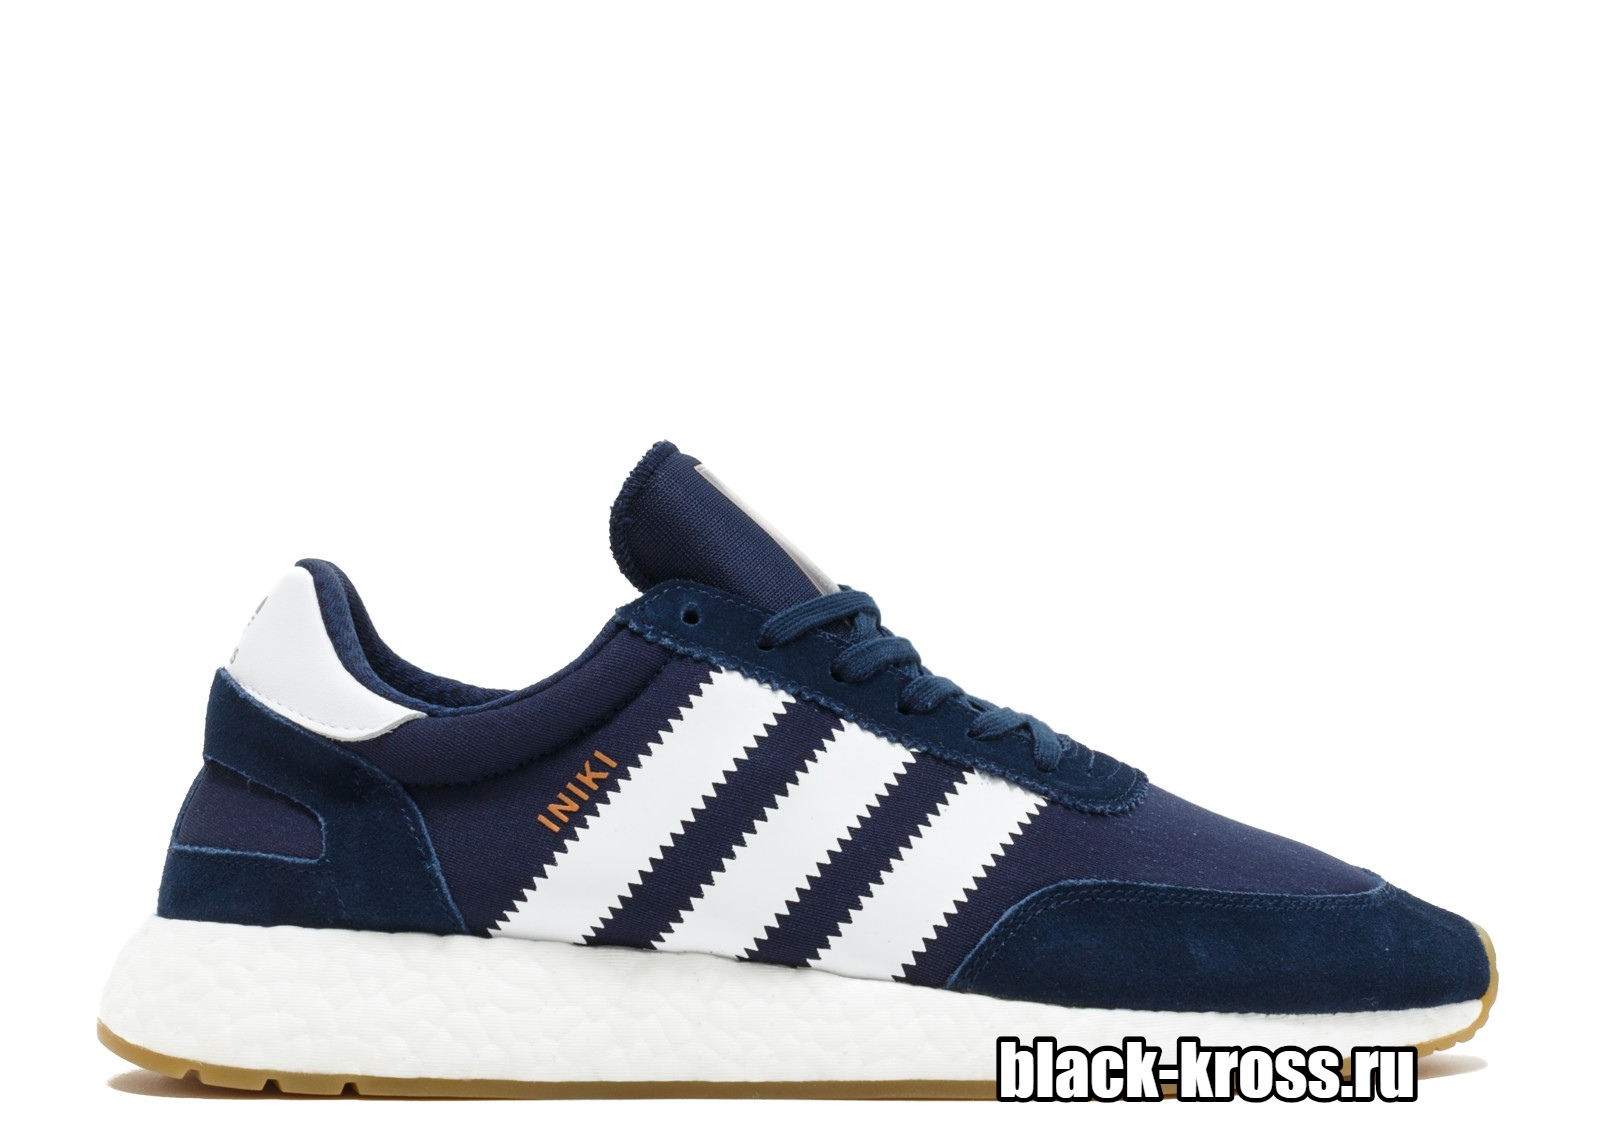 Adidas Iniki Runner Blue (41-45)